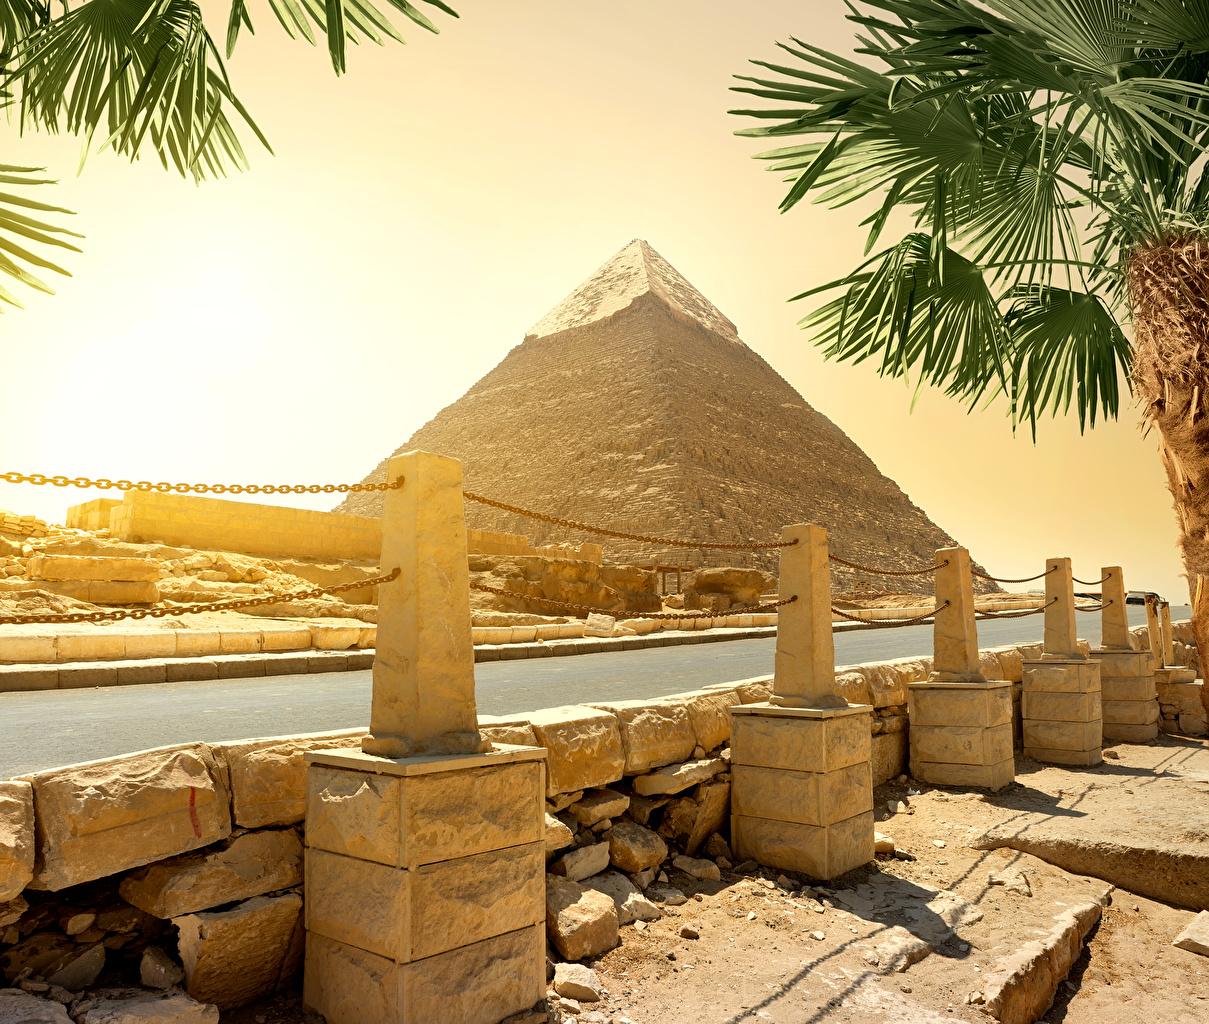 Fonds D Ecran Egypte Desert Rivieres Pierres Cairo Pyramide Architecture Nature Telecharger Photo